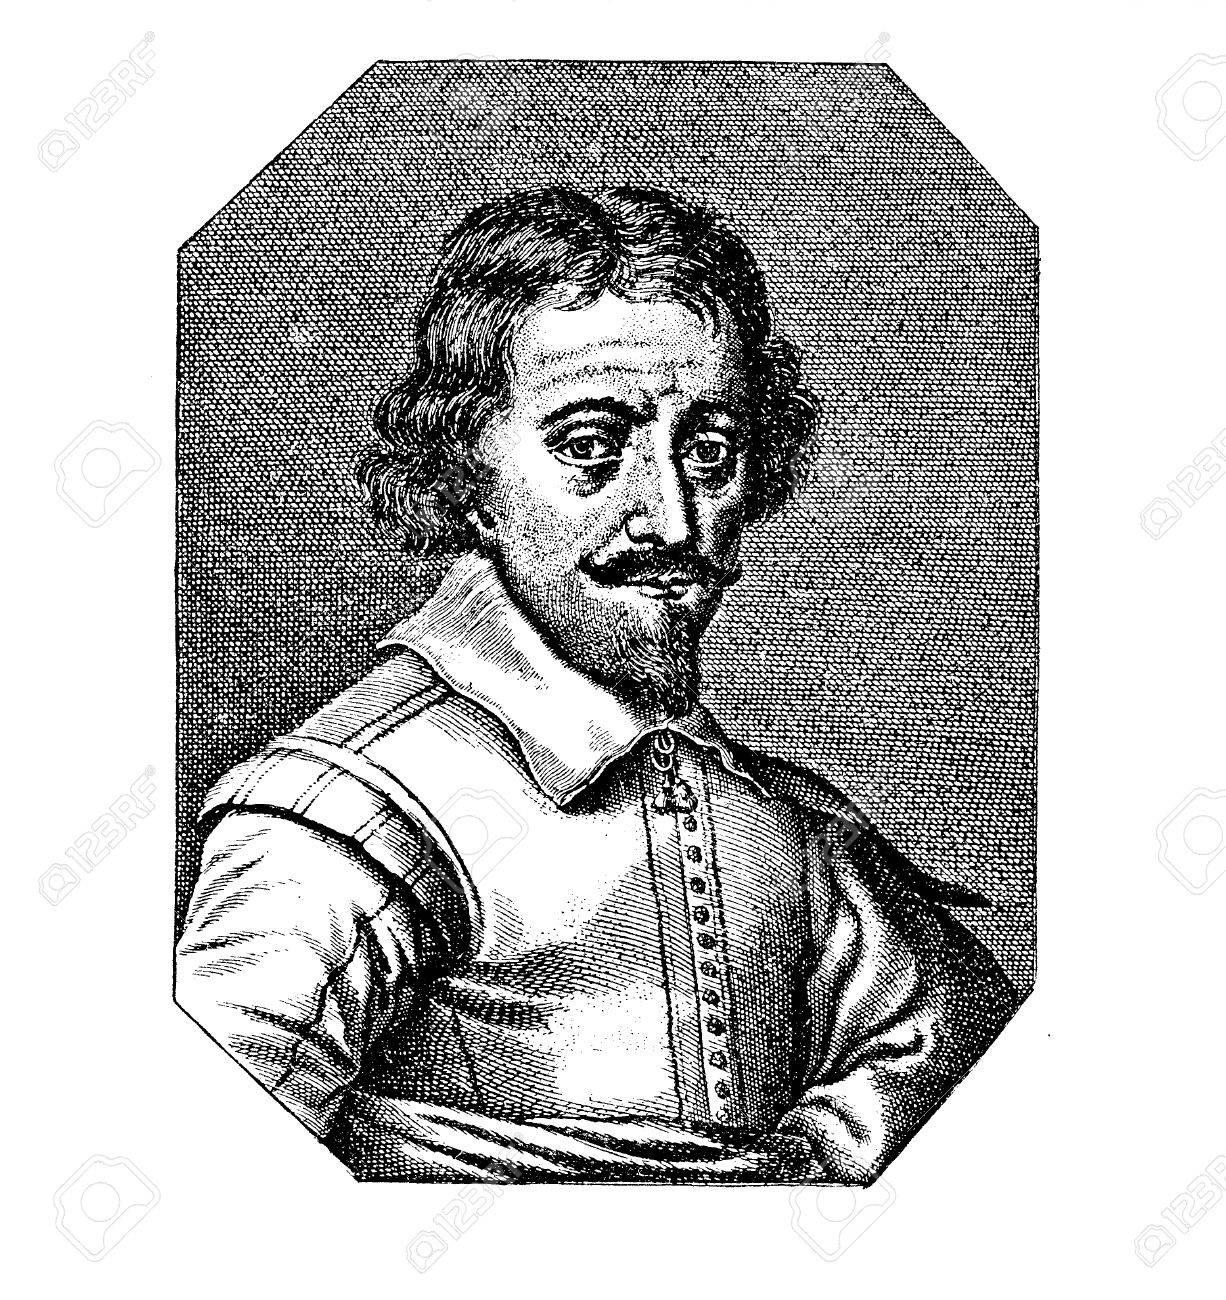 Foto de archivo - Retrato de Zacharias Janssen (1585 -1632) Holandés  espectáculo-fabricante, inventor del telescopio óptico